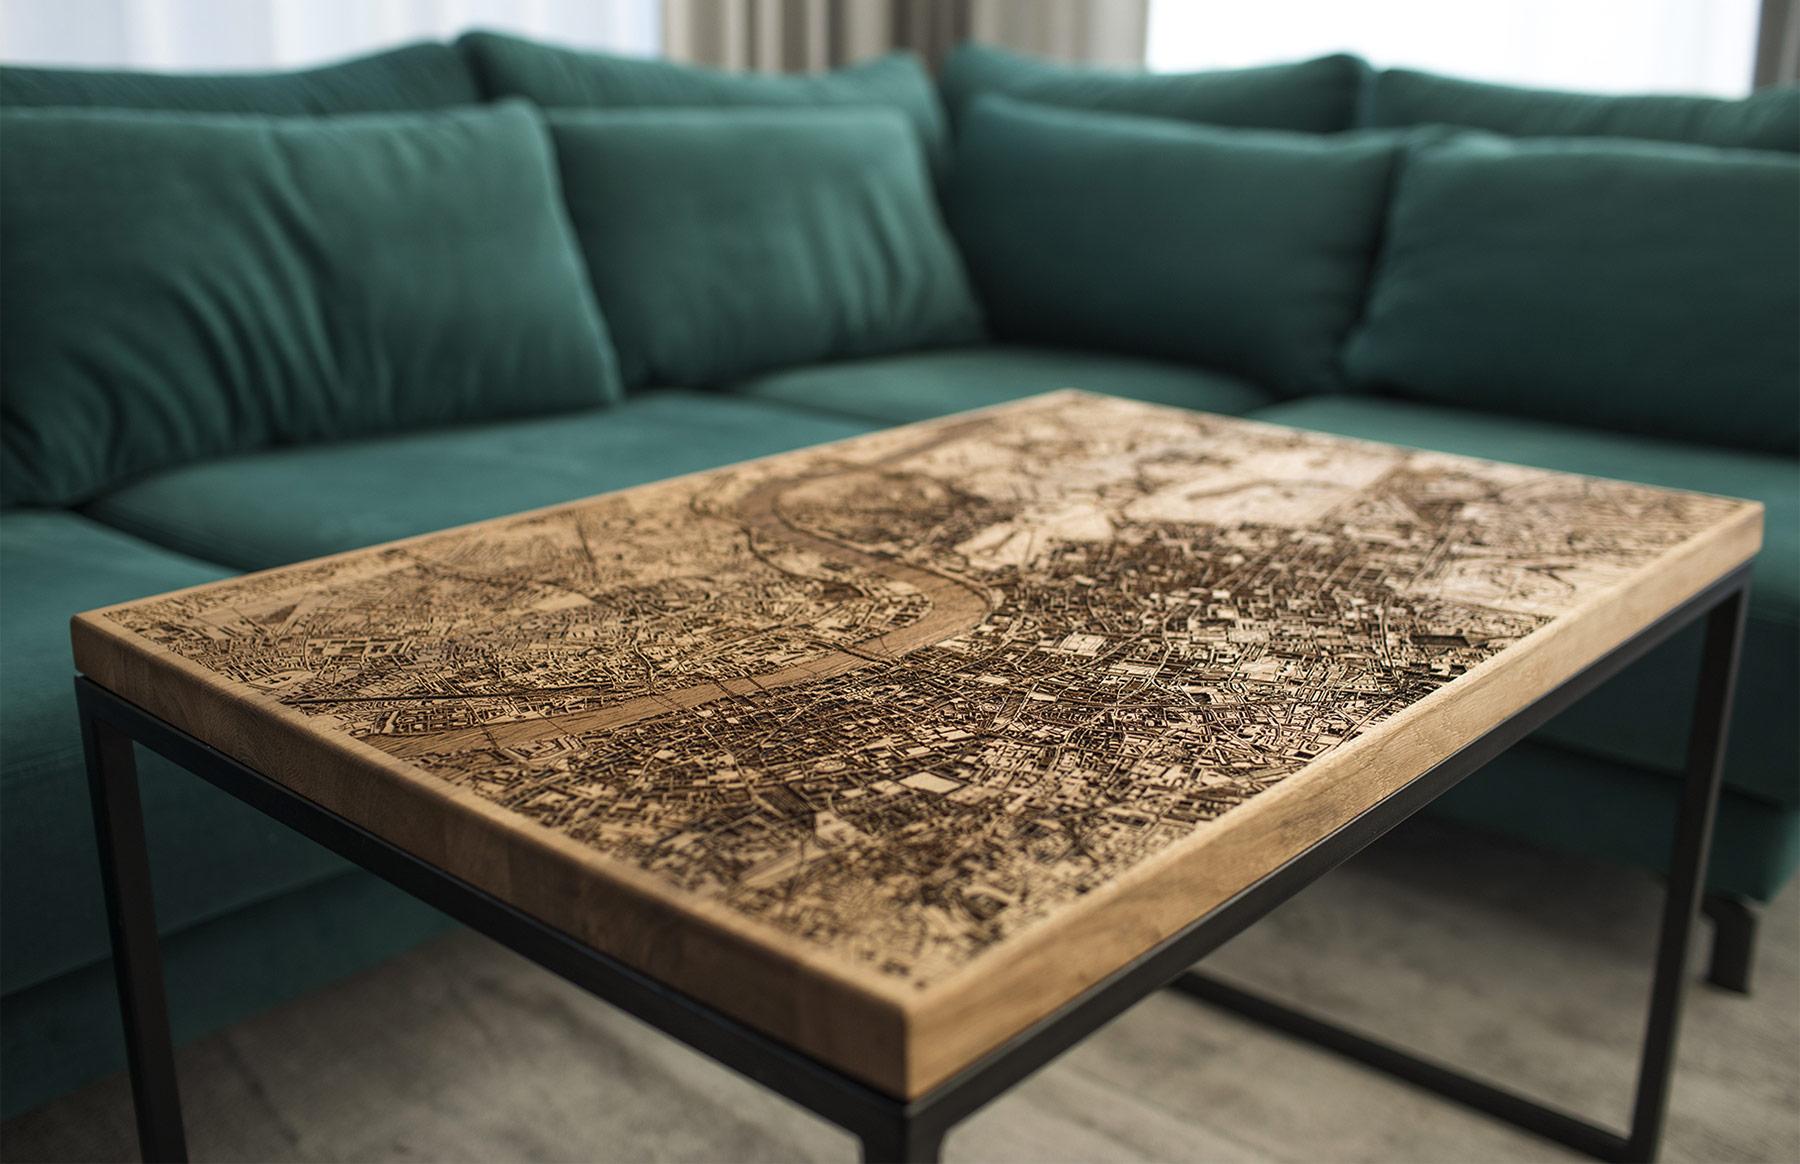 Tische mit eingravierten Stadtkarten